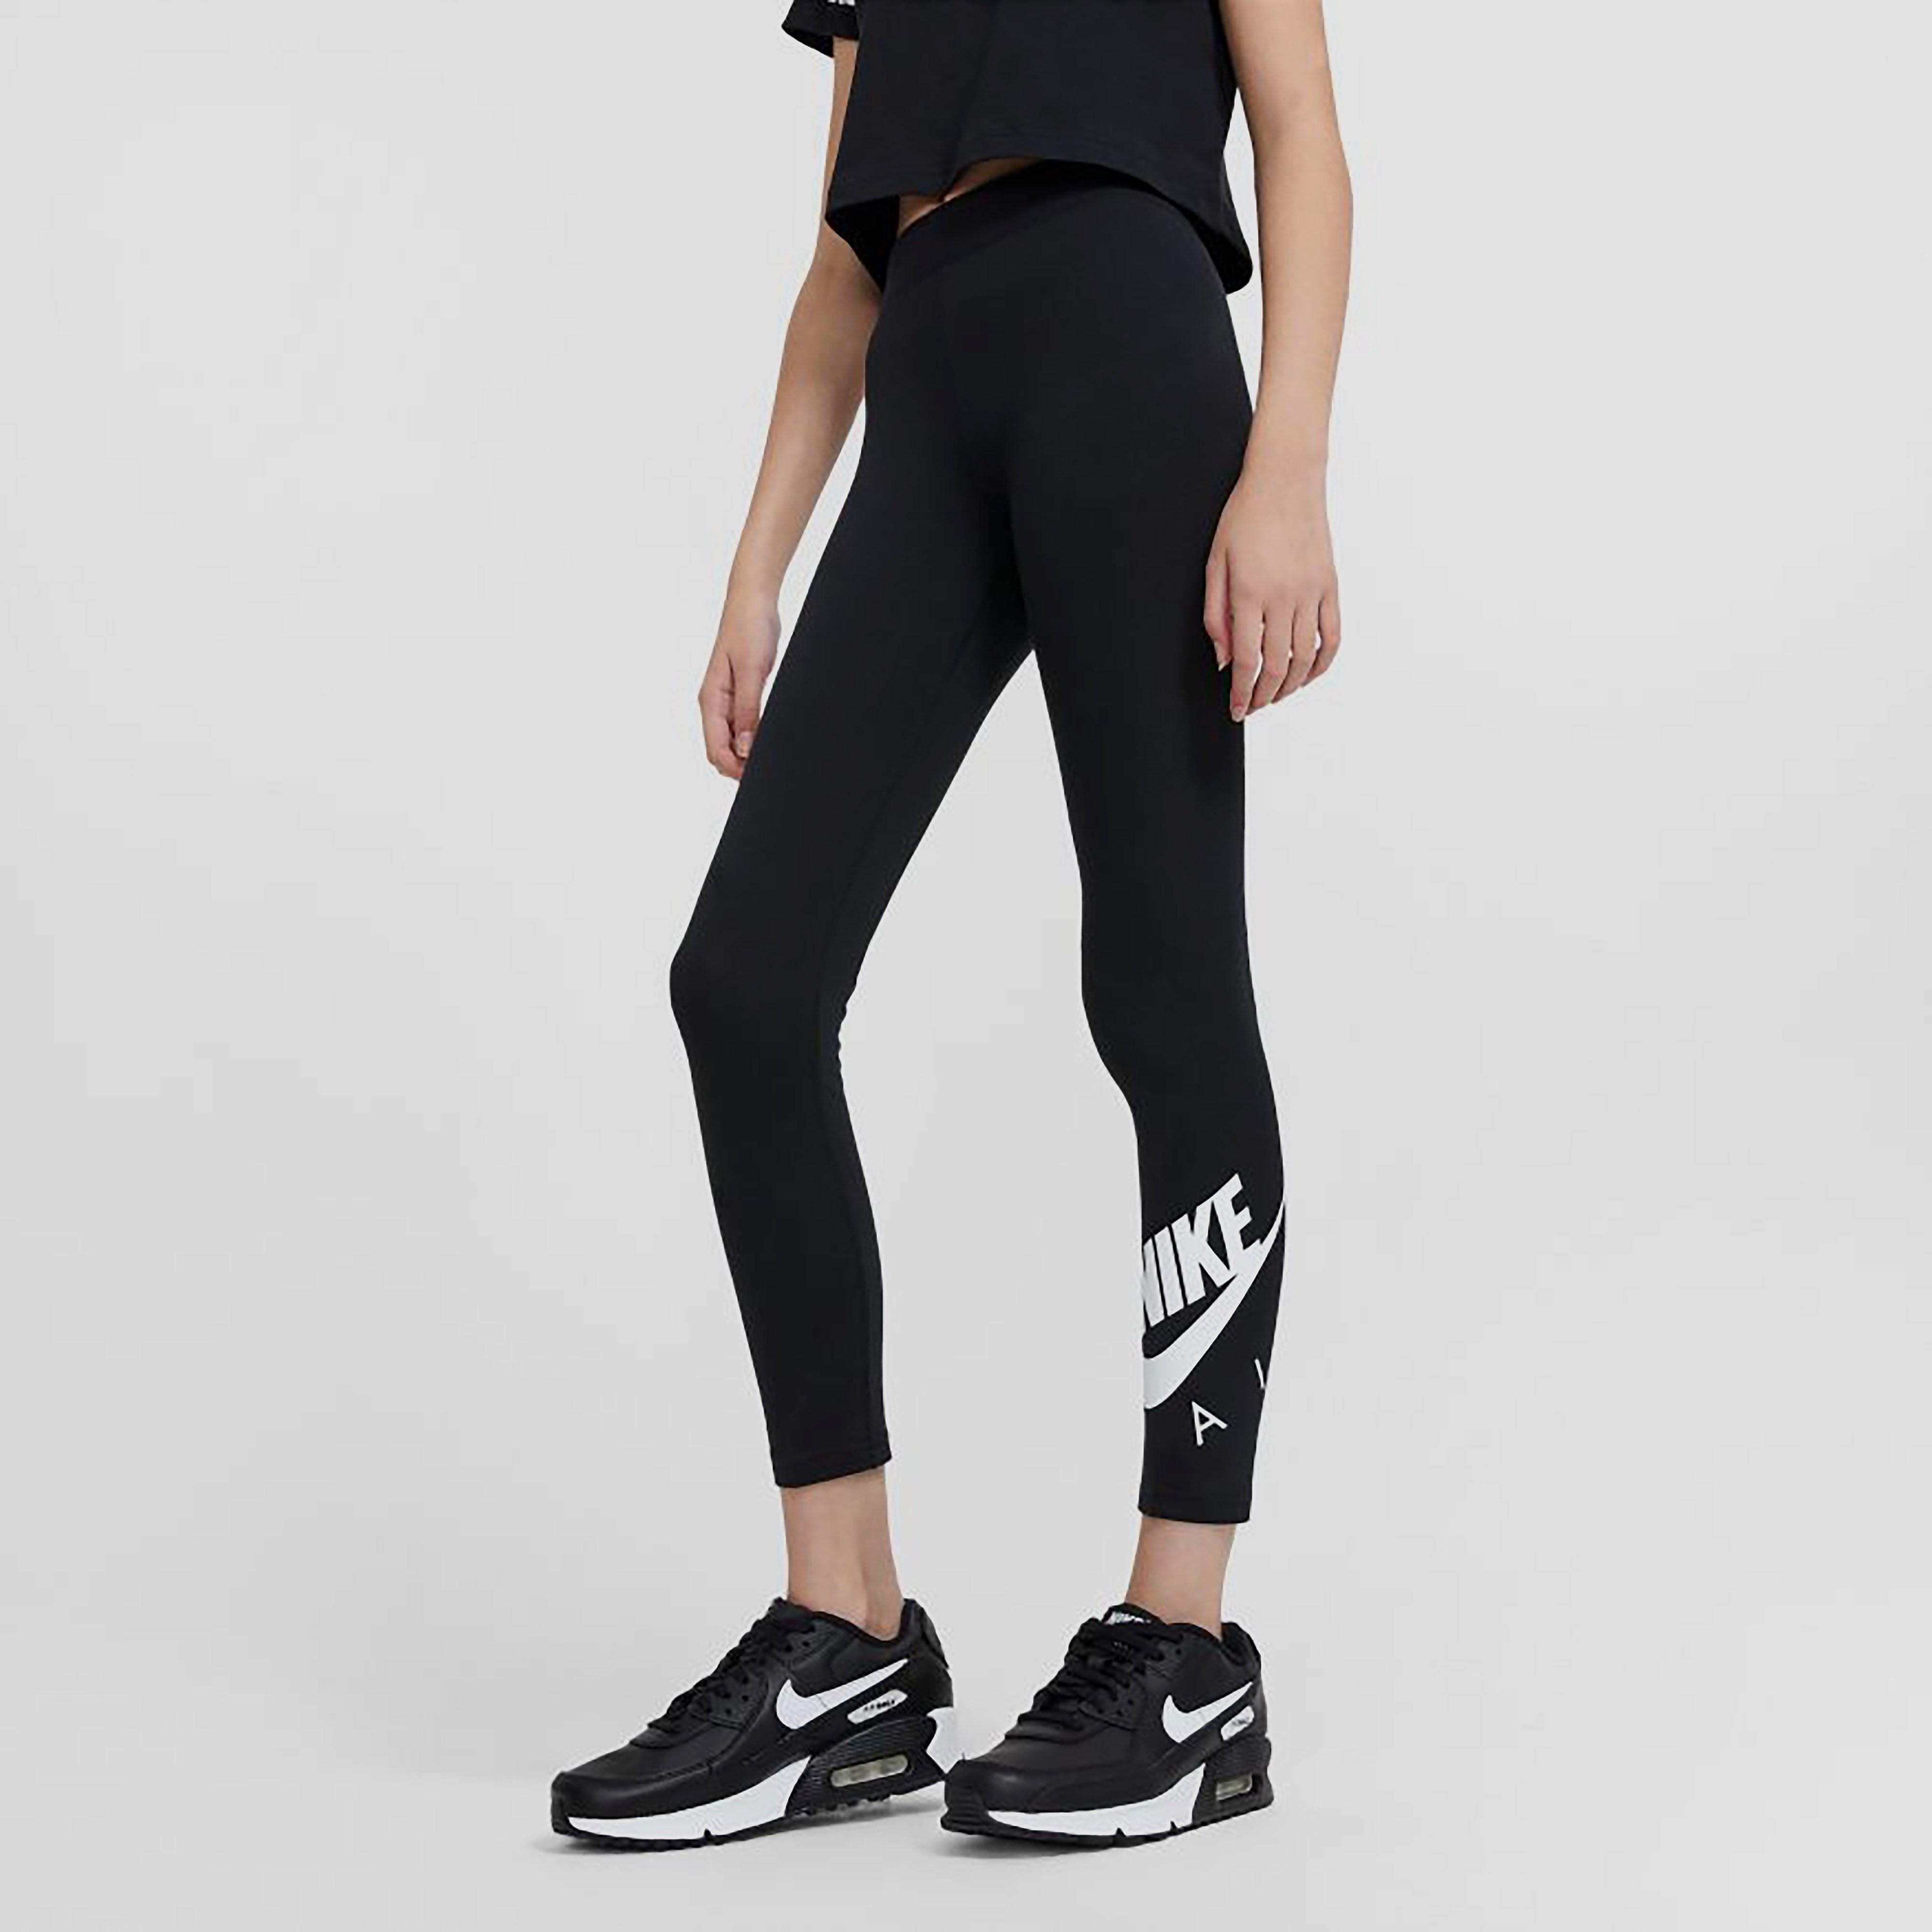 Nike Nike sportswear air favorites legging zwart kinderen kinderen